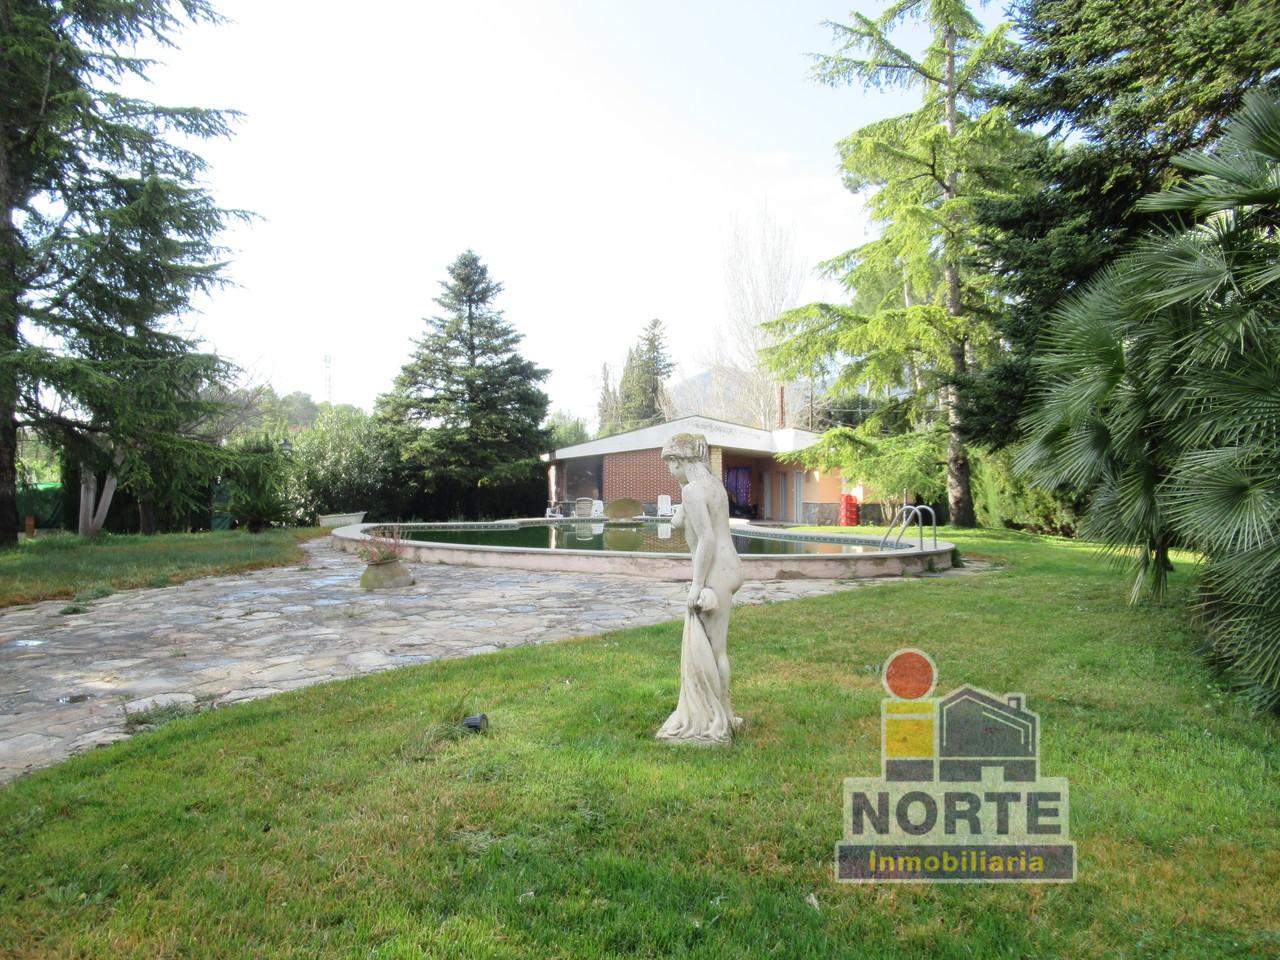 Lloguer Casa  Comtat - Muro de Alcoy. Superf. 185 m², 5000 m² solar,  5 habitaciones (5 dobles),  3 ba